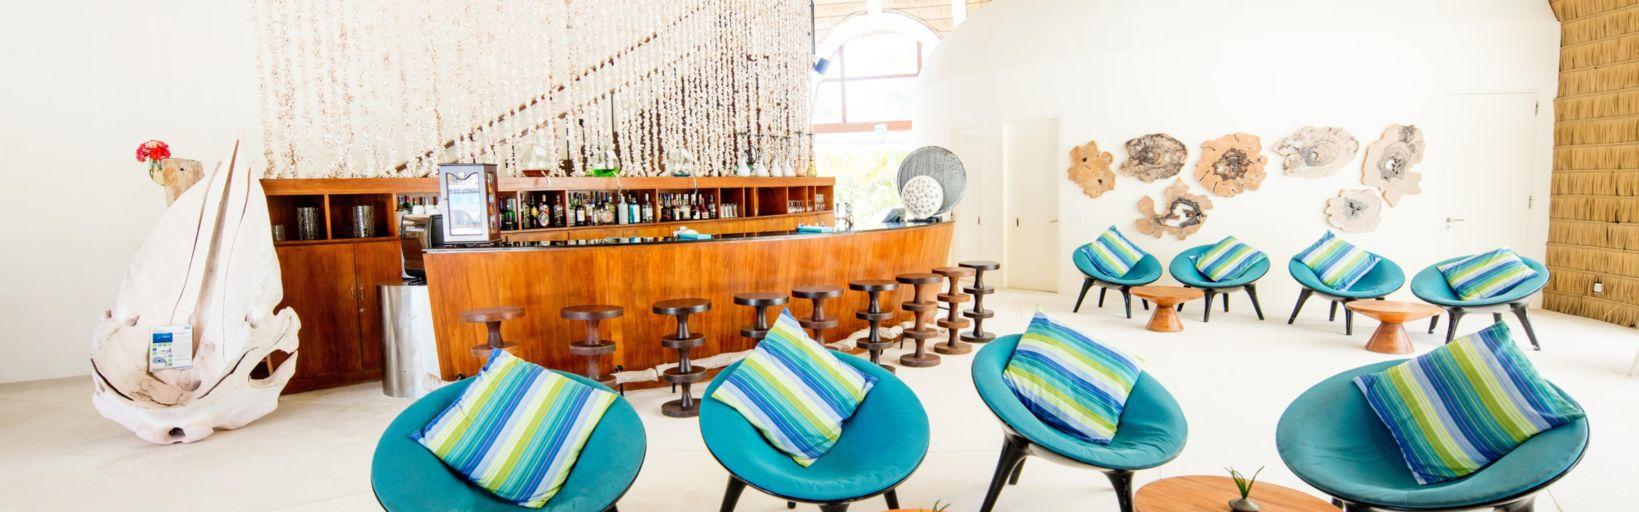 Holiday Inn Resort Kandooma Maldive - Prenota il tuo soggiorno a ...